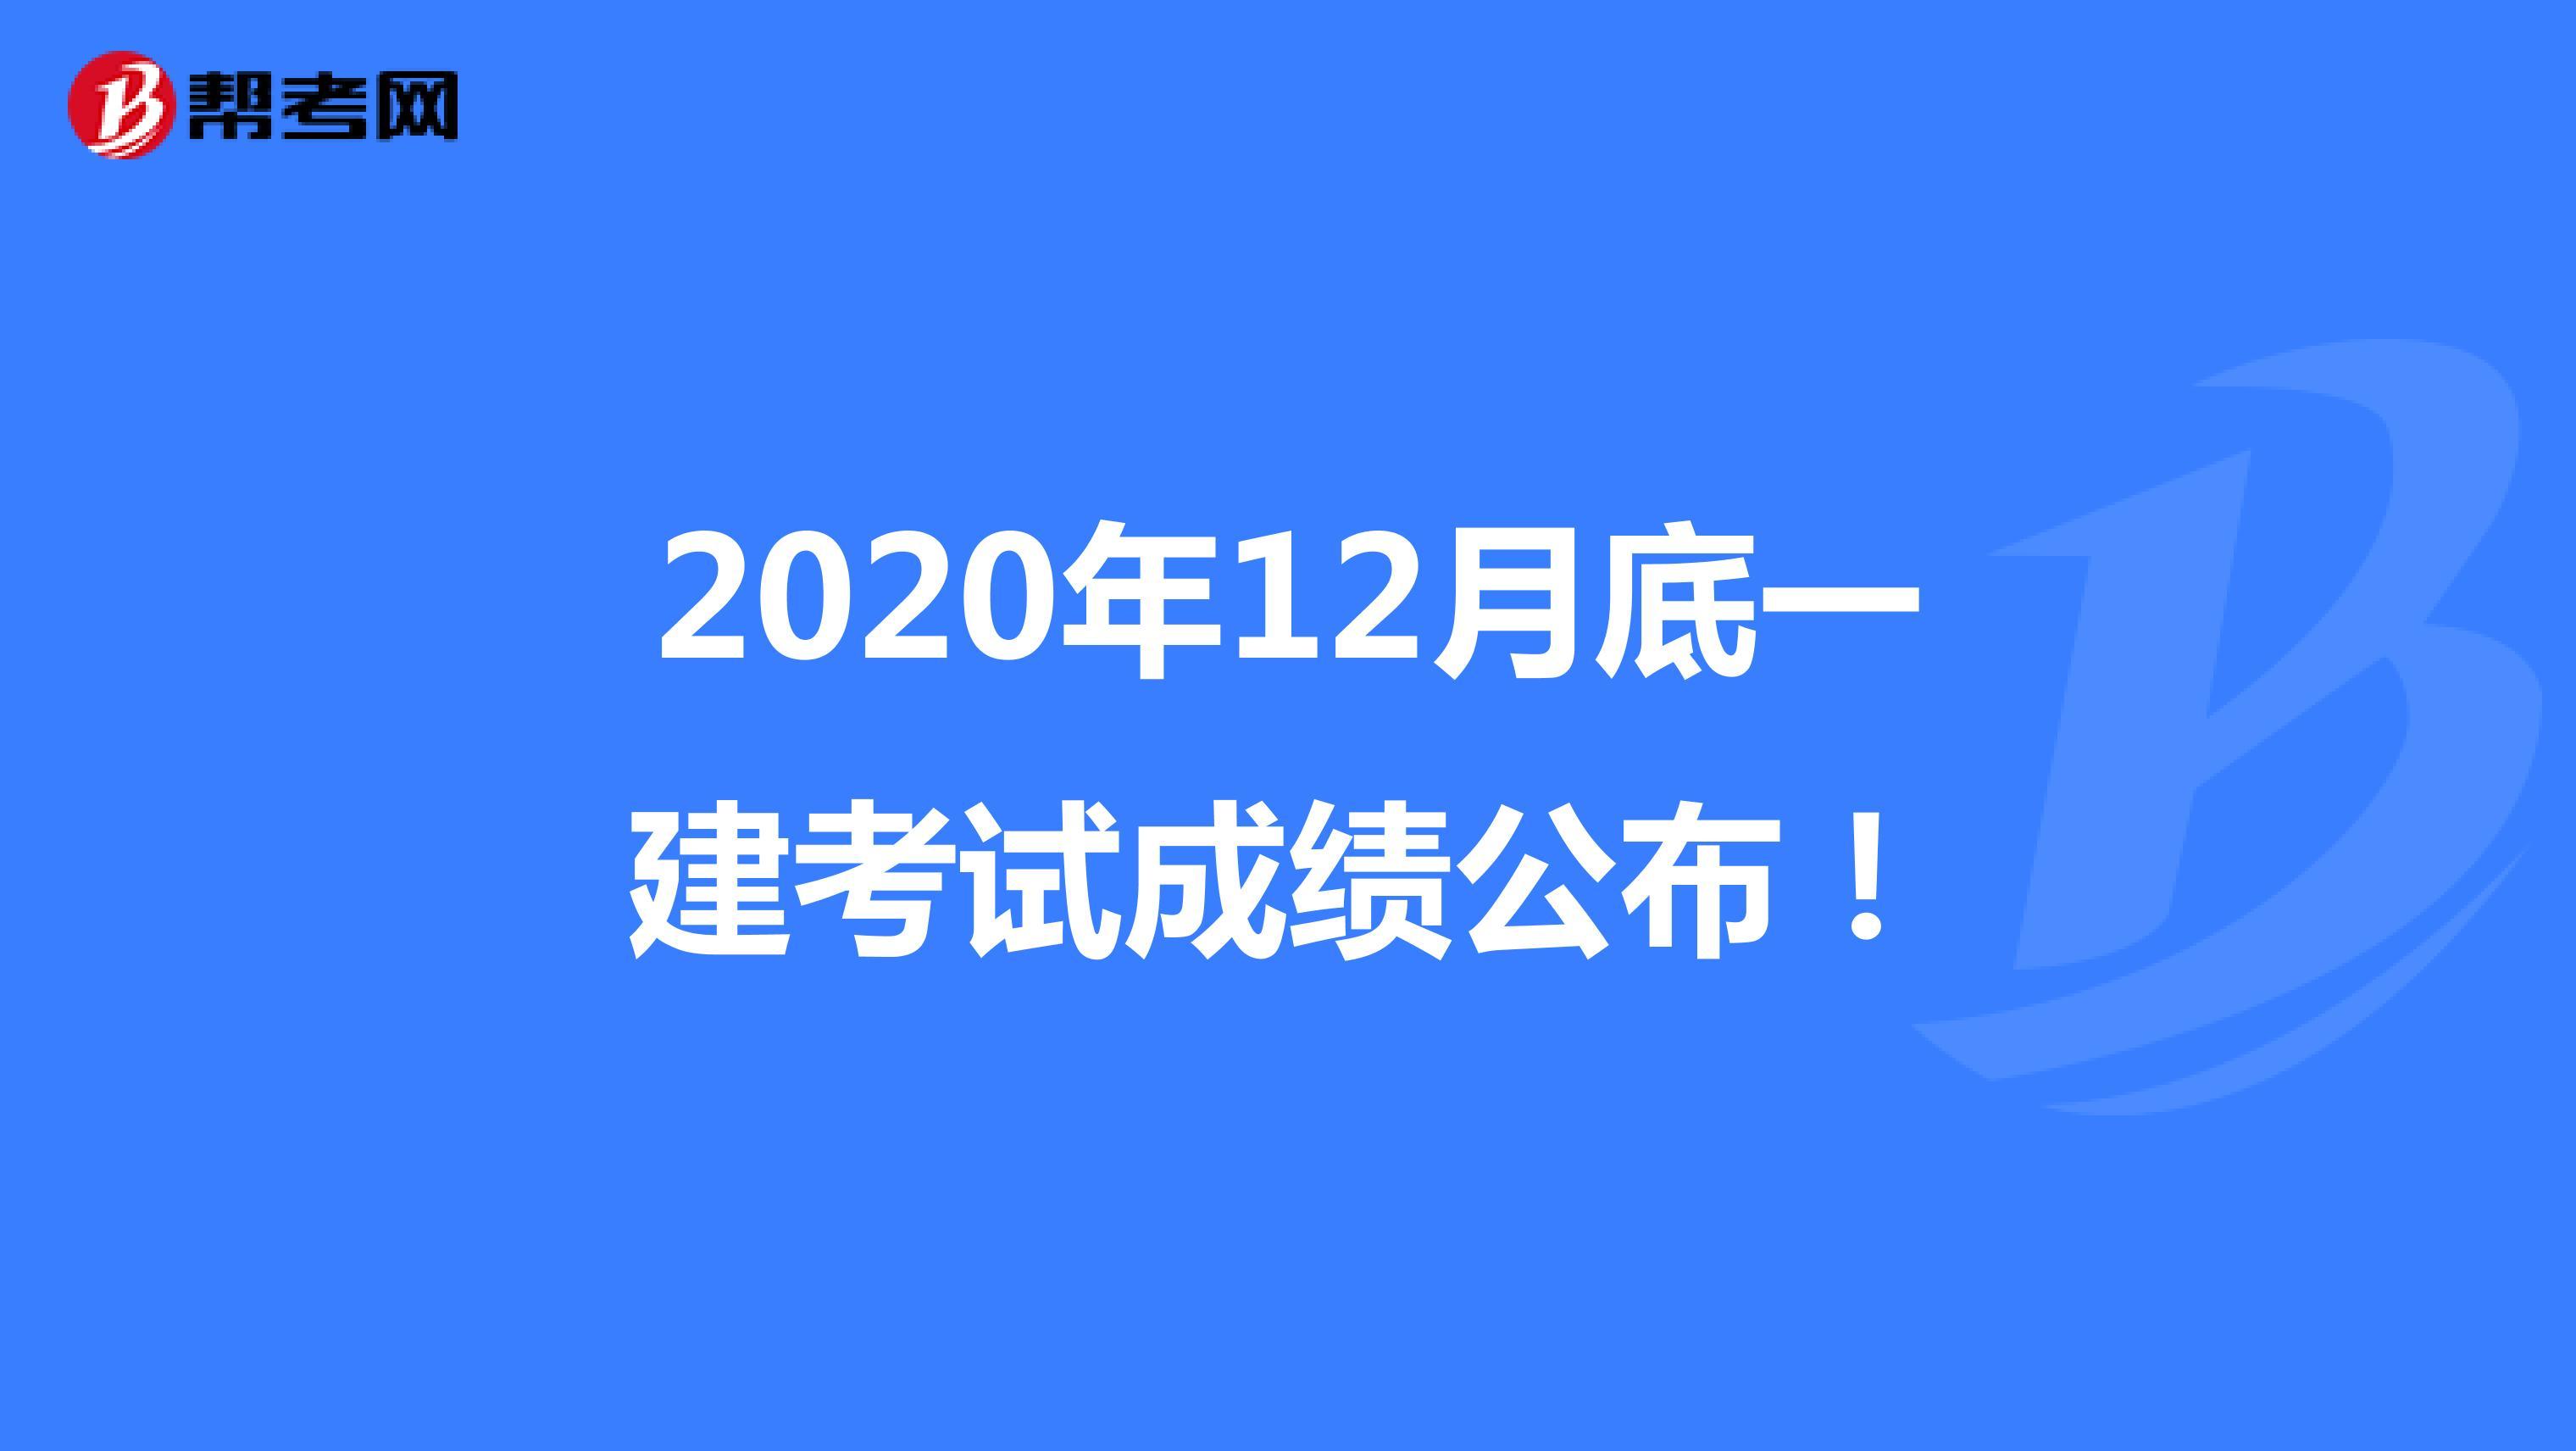 2020年12月底一建考试成绩公布!